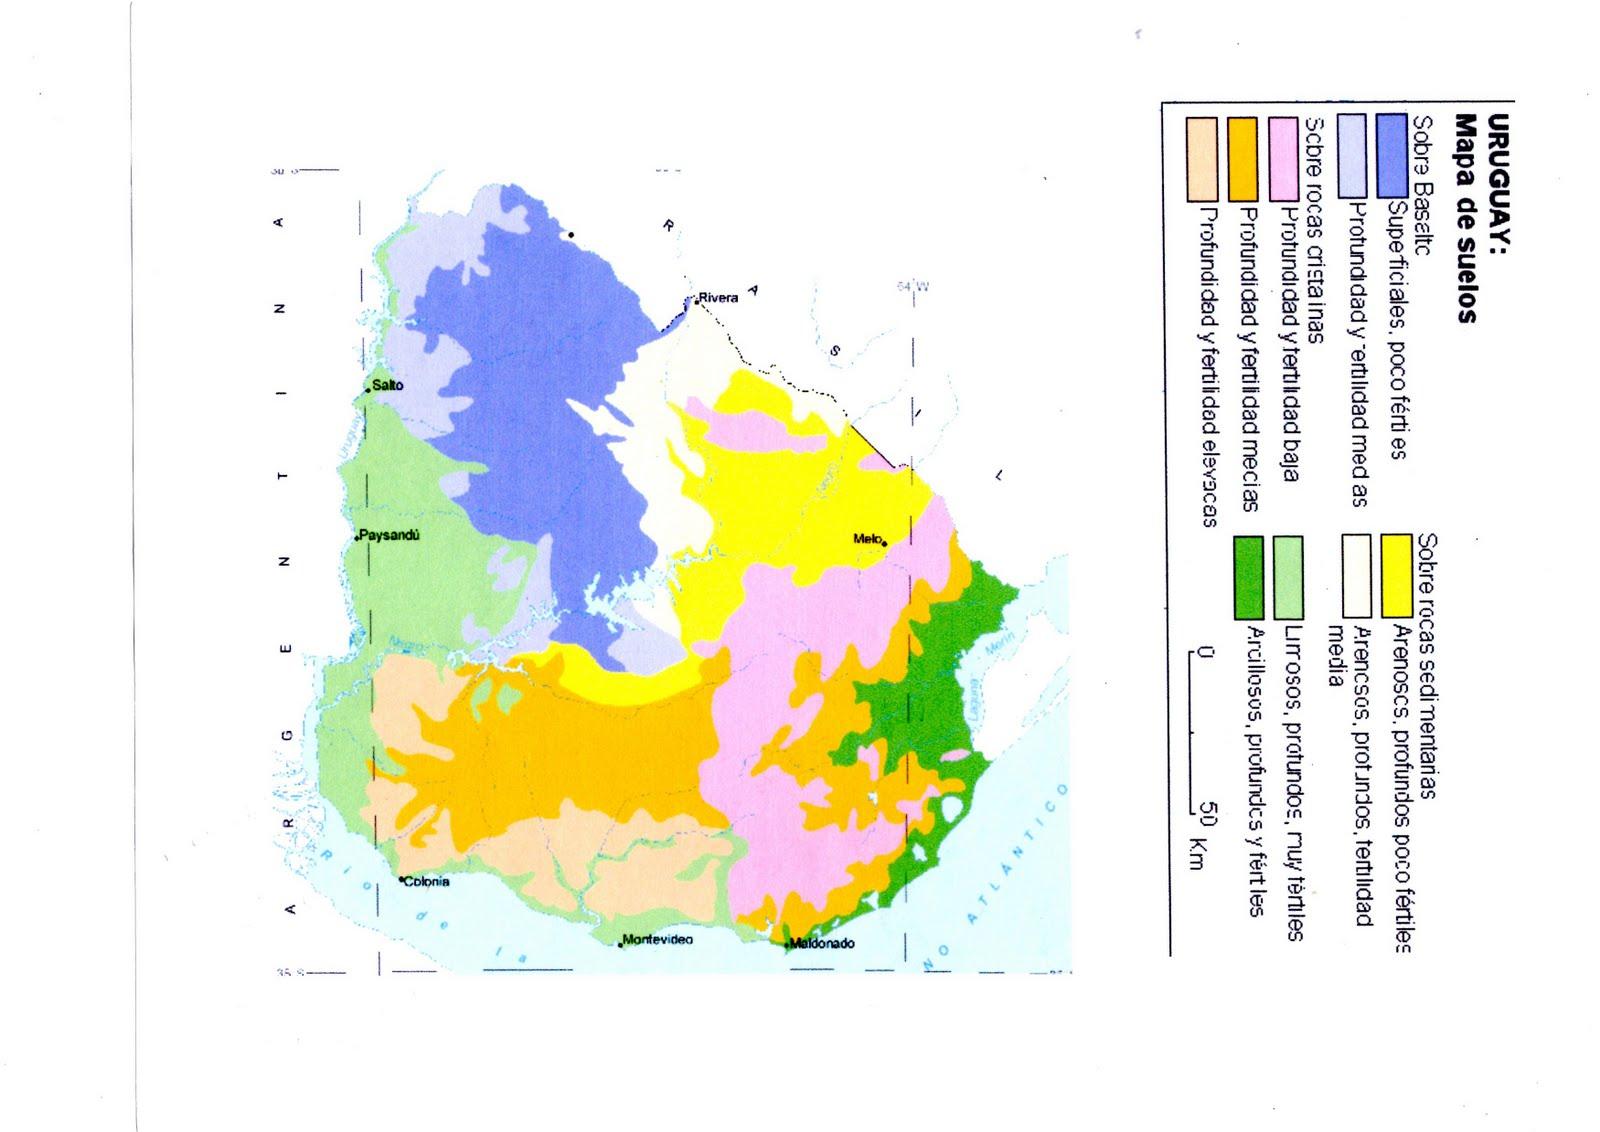 Suelos de uruguay espaciogeo2015 for Suelos y tipos de suelos